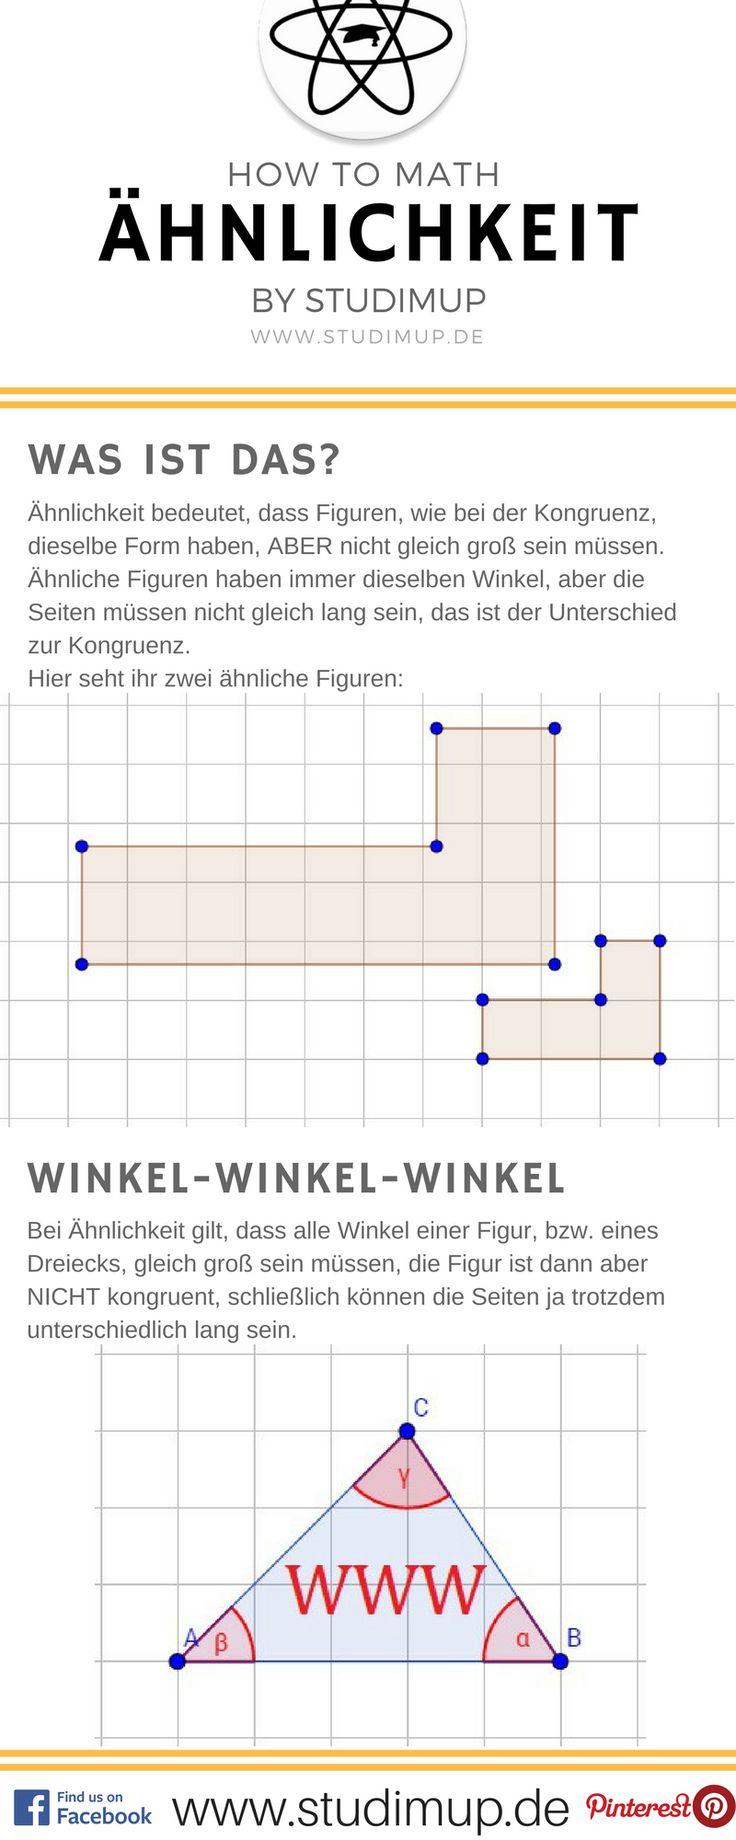 Ähnlichkeit in der Geometrie im Mathe Spickzettel erklärt.